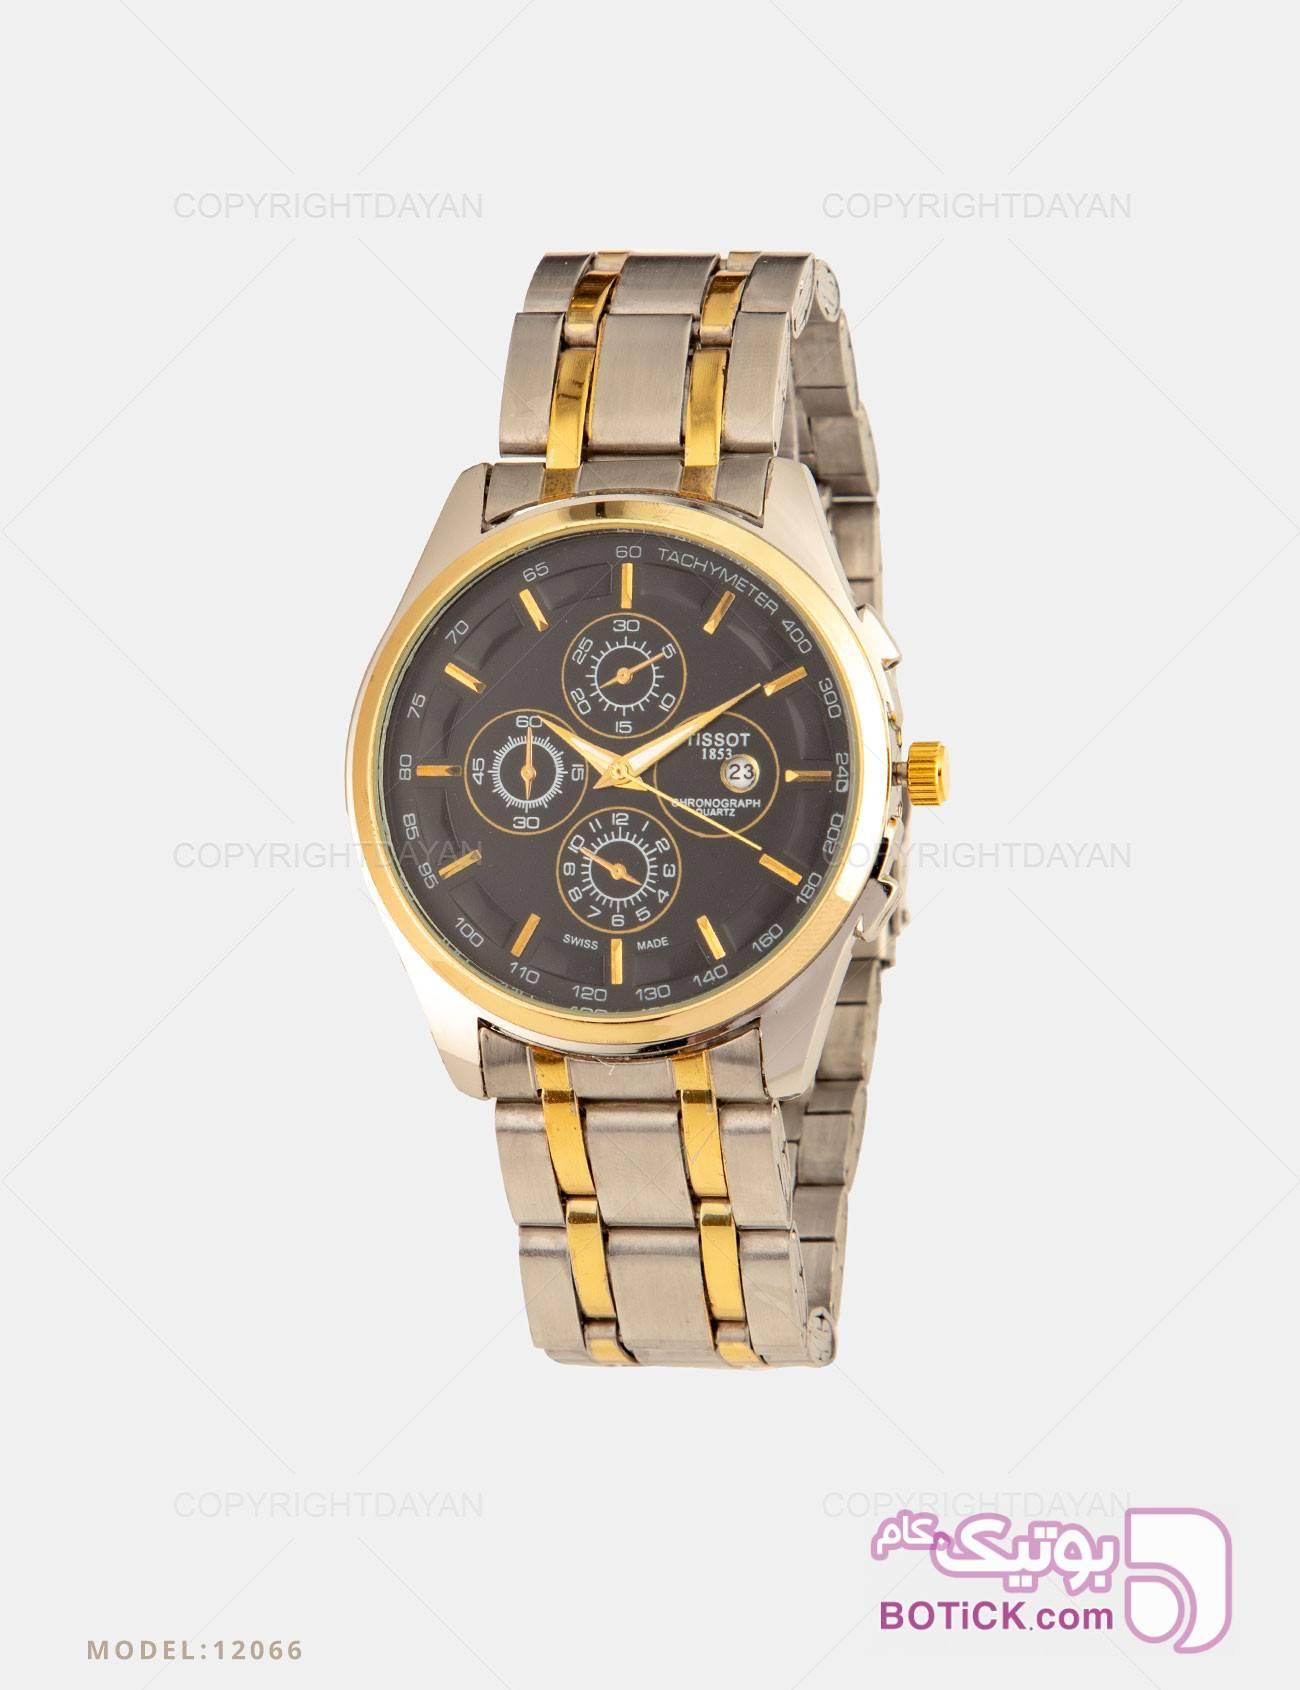 ساعت مچی مردانه Tissot مدل 12066 طلایی ساعت